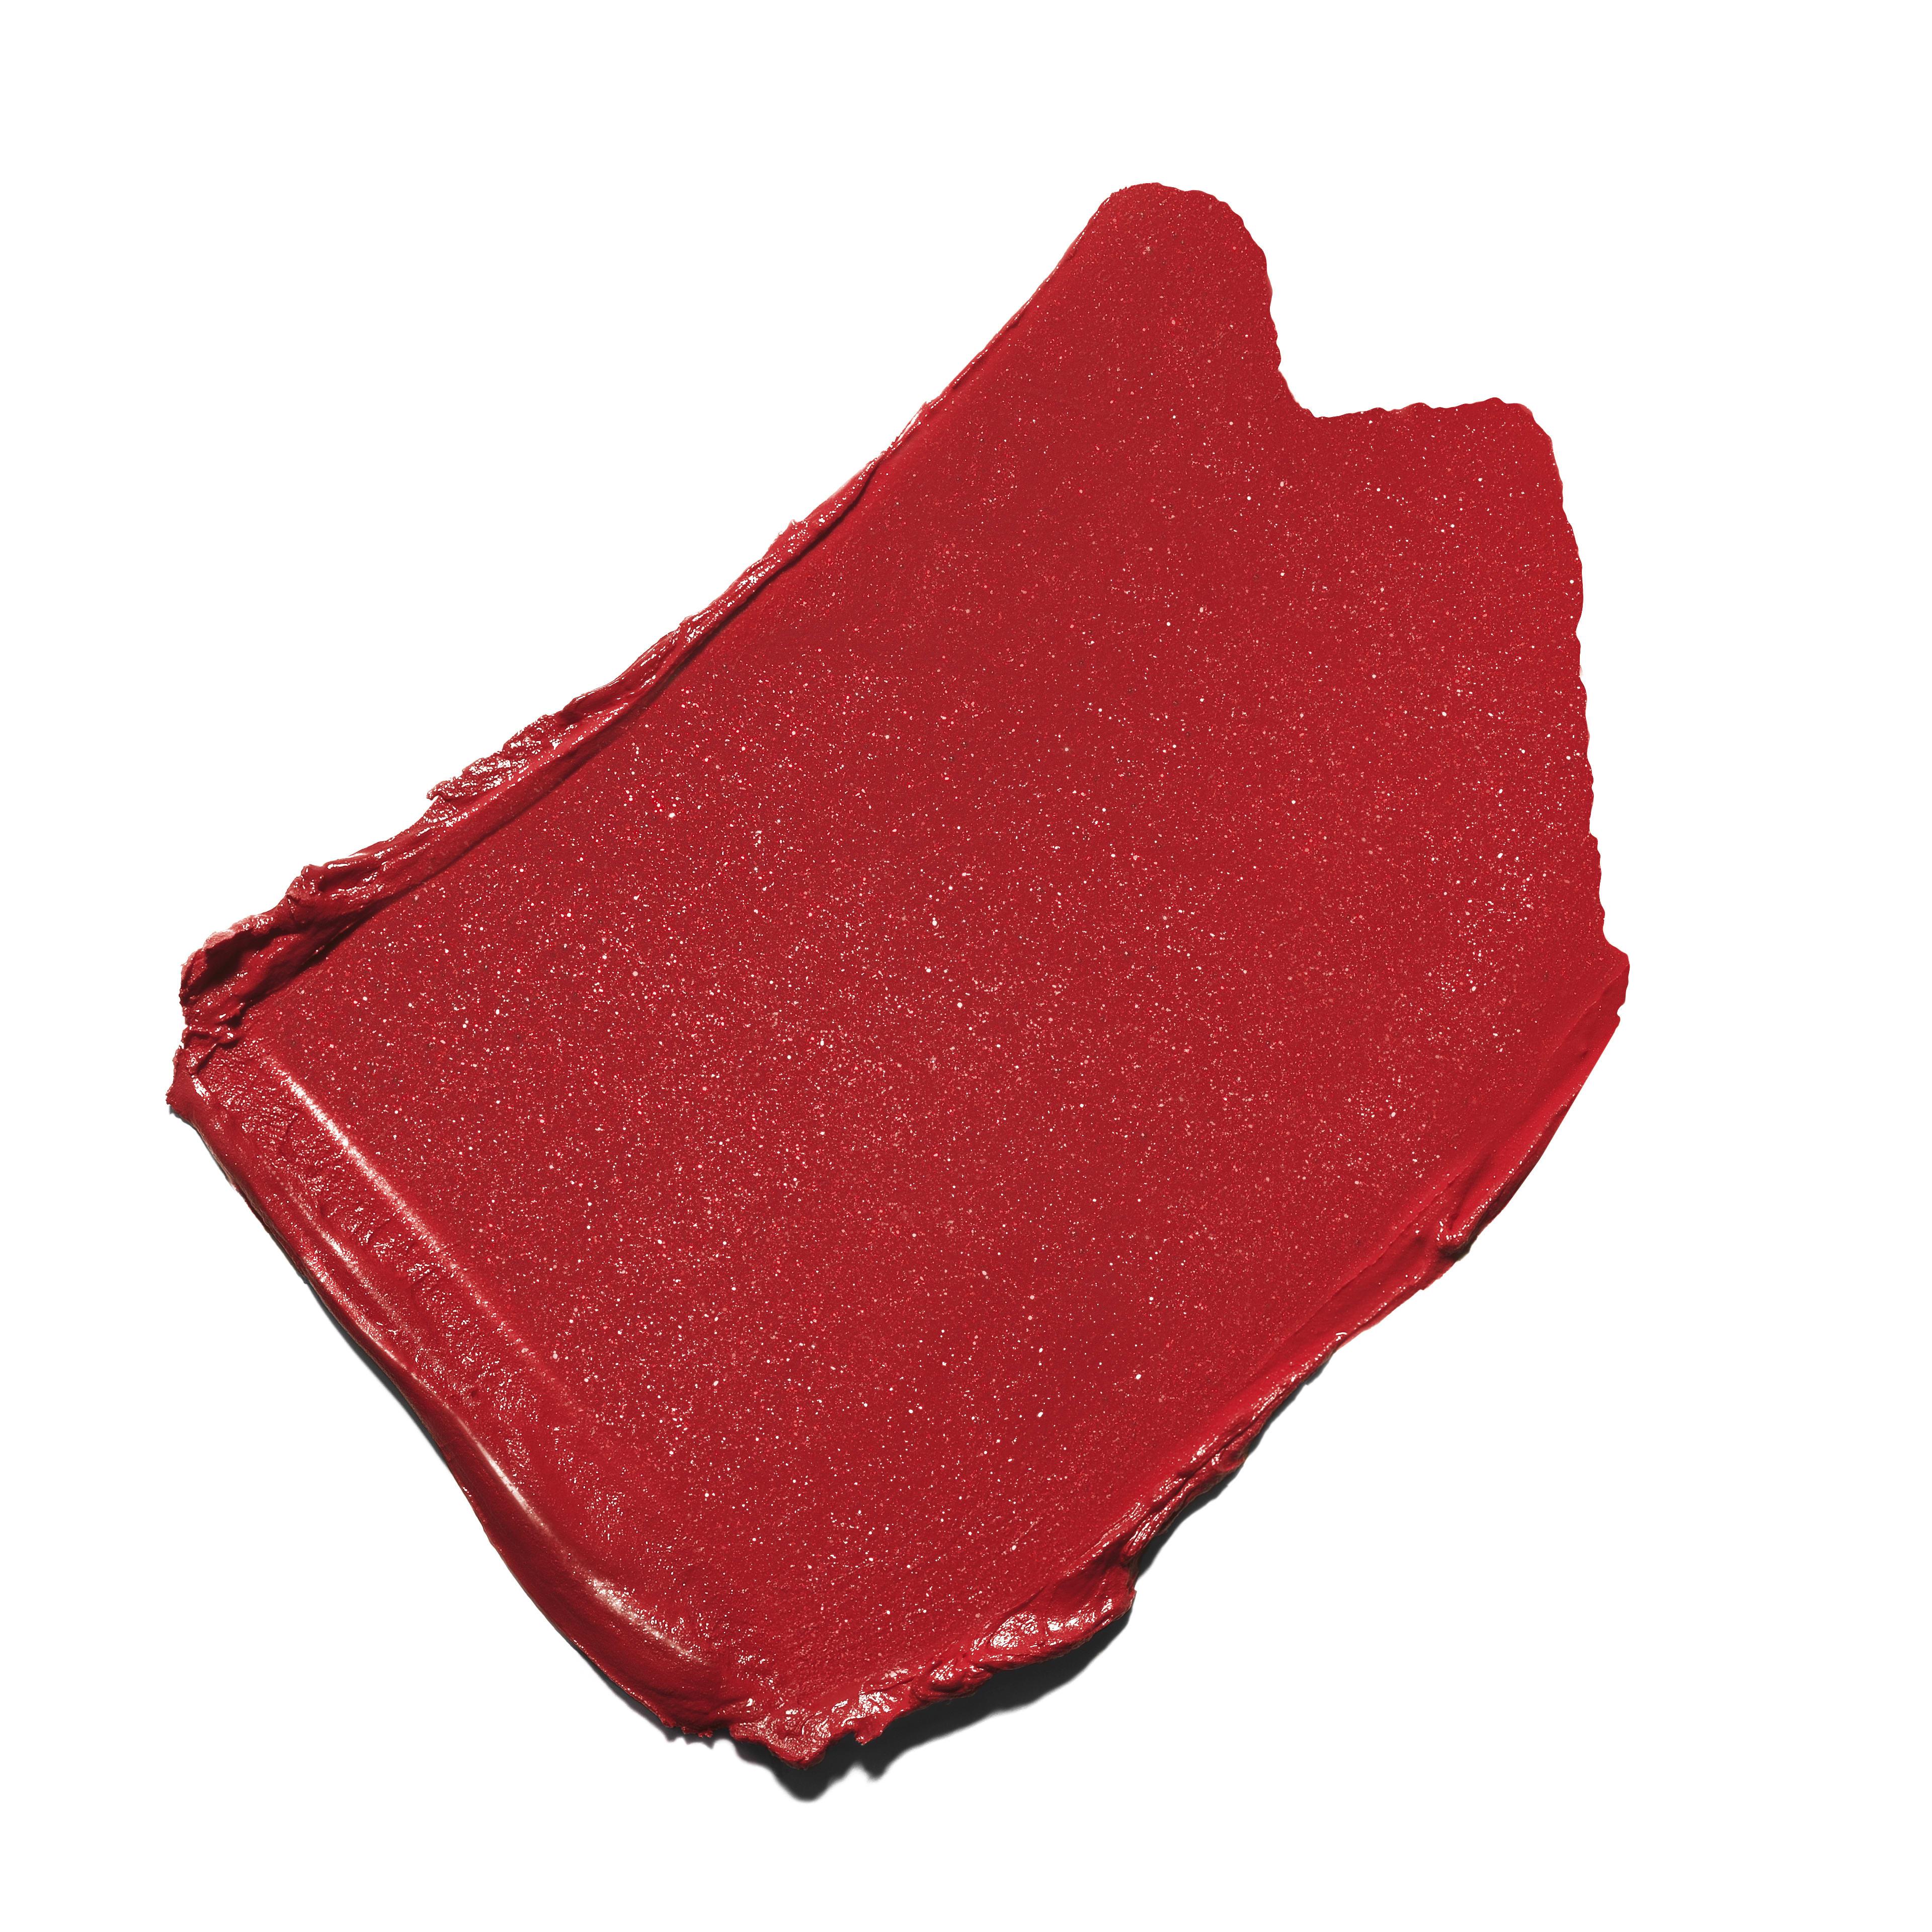 ROUGE ALLURE N°8 - makeup - 3.5g - มุมมองพื้นผิวธรรมดา